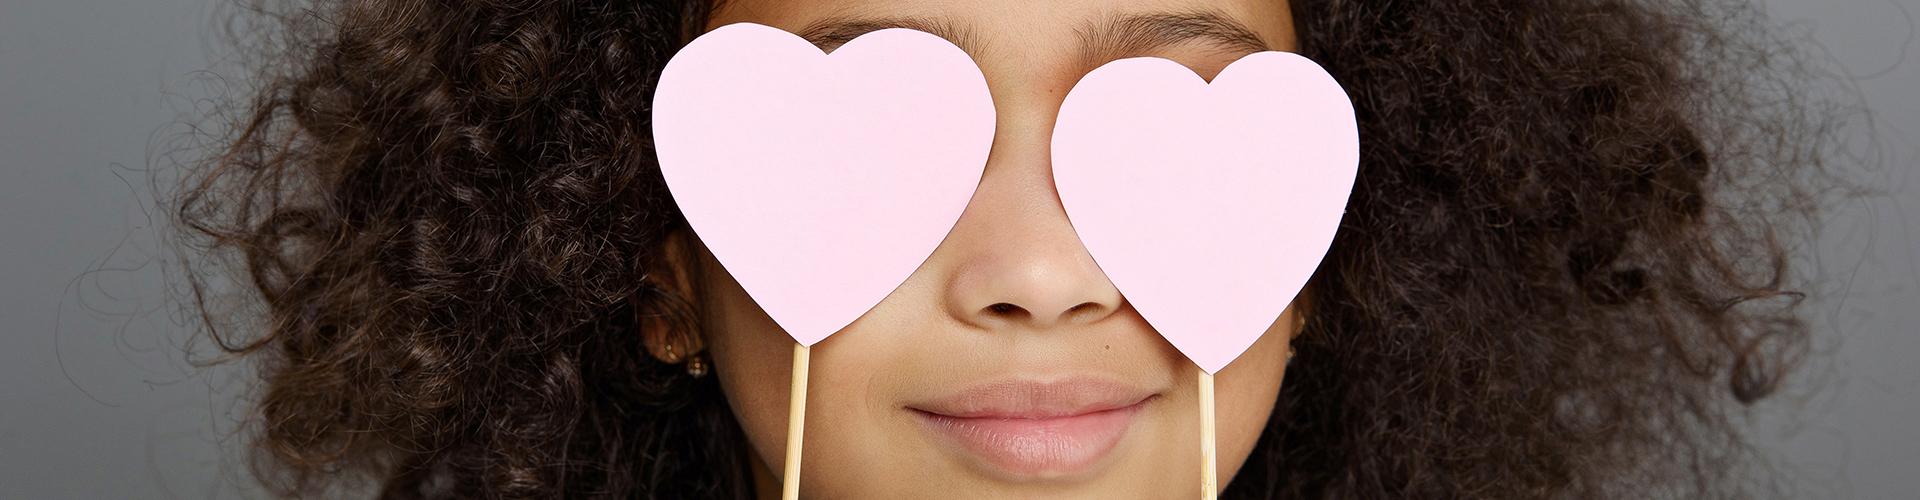 12 tips voor gezonde ogen